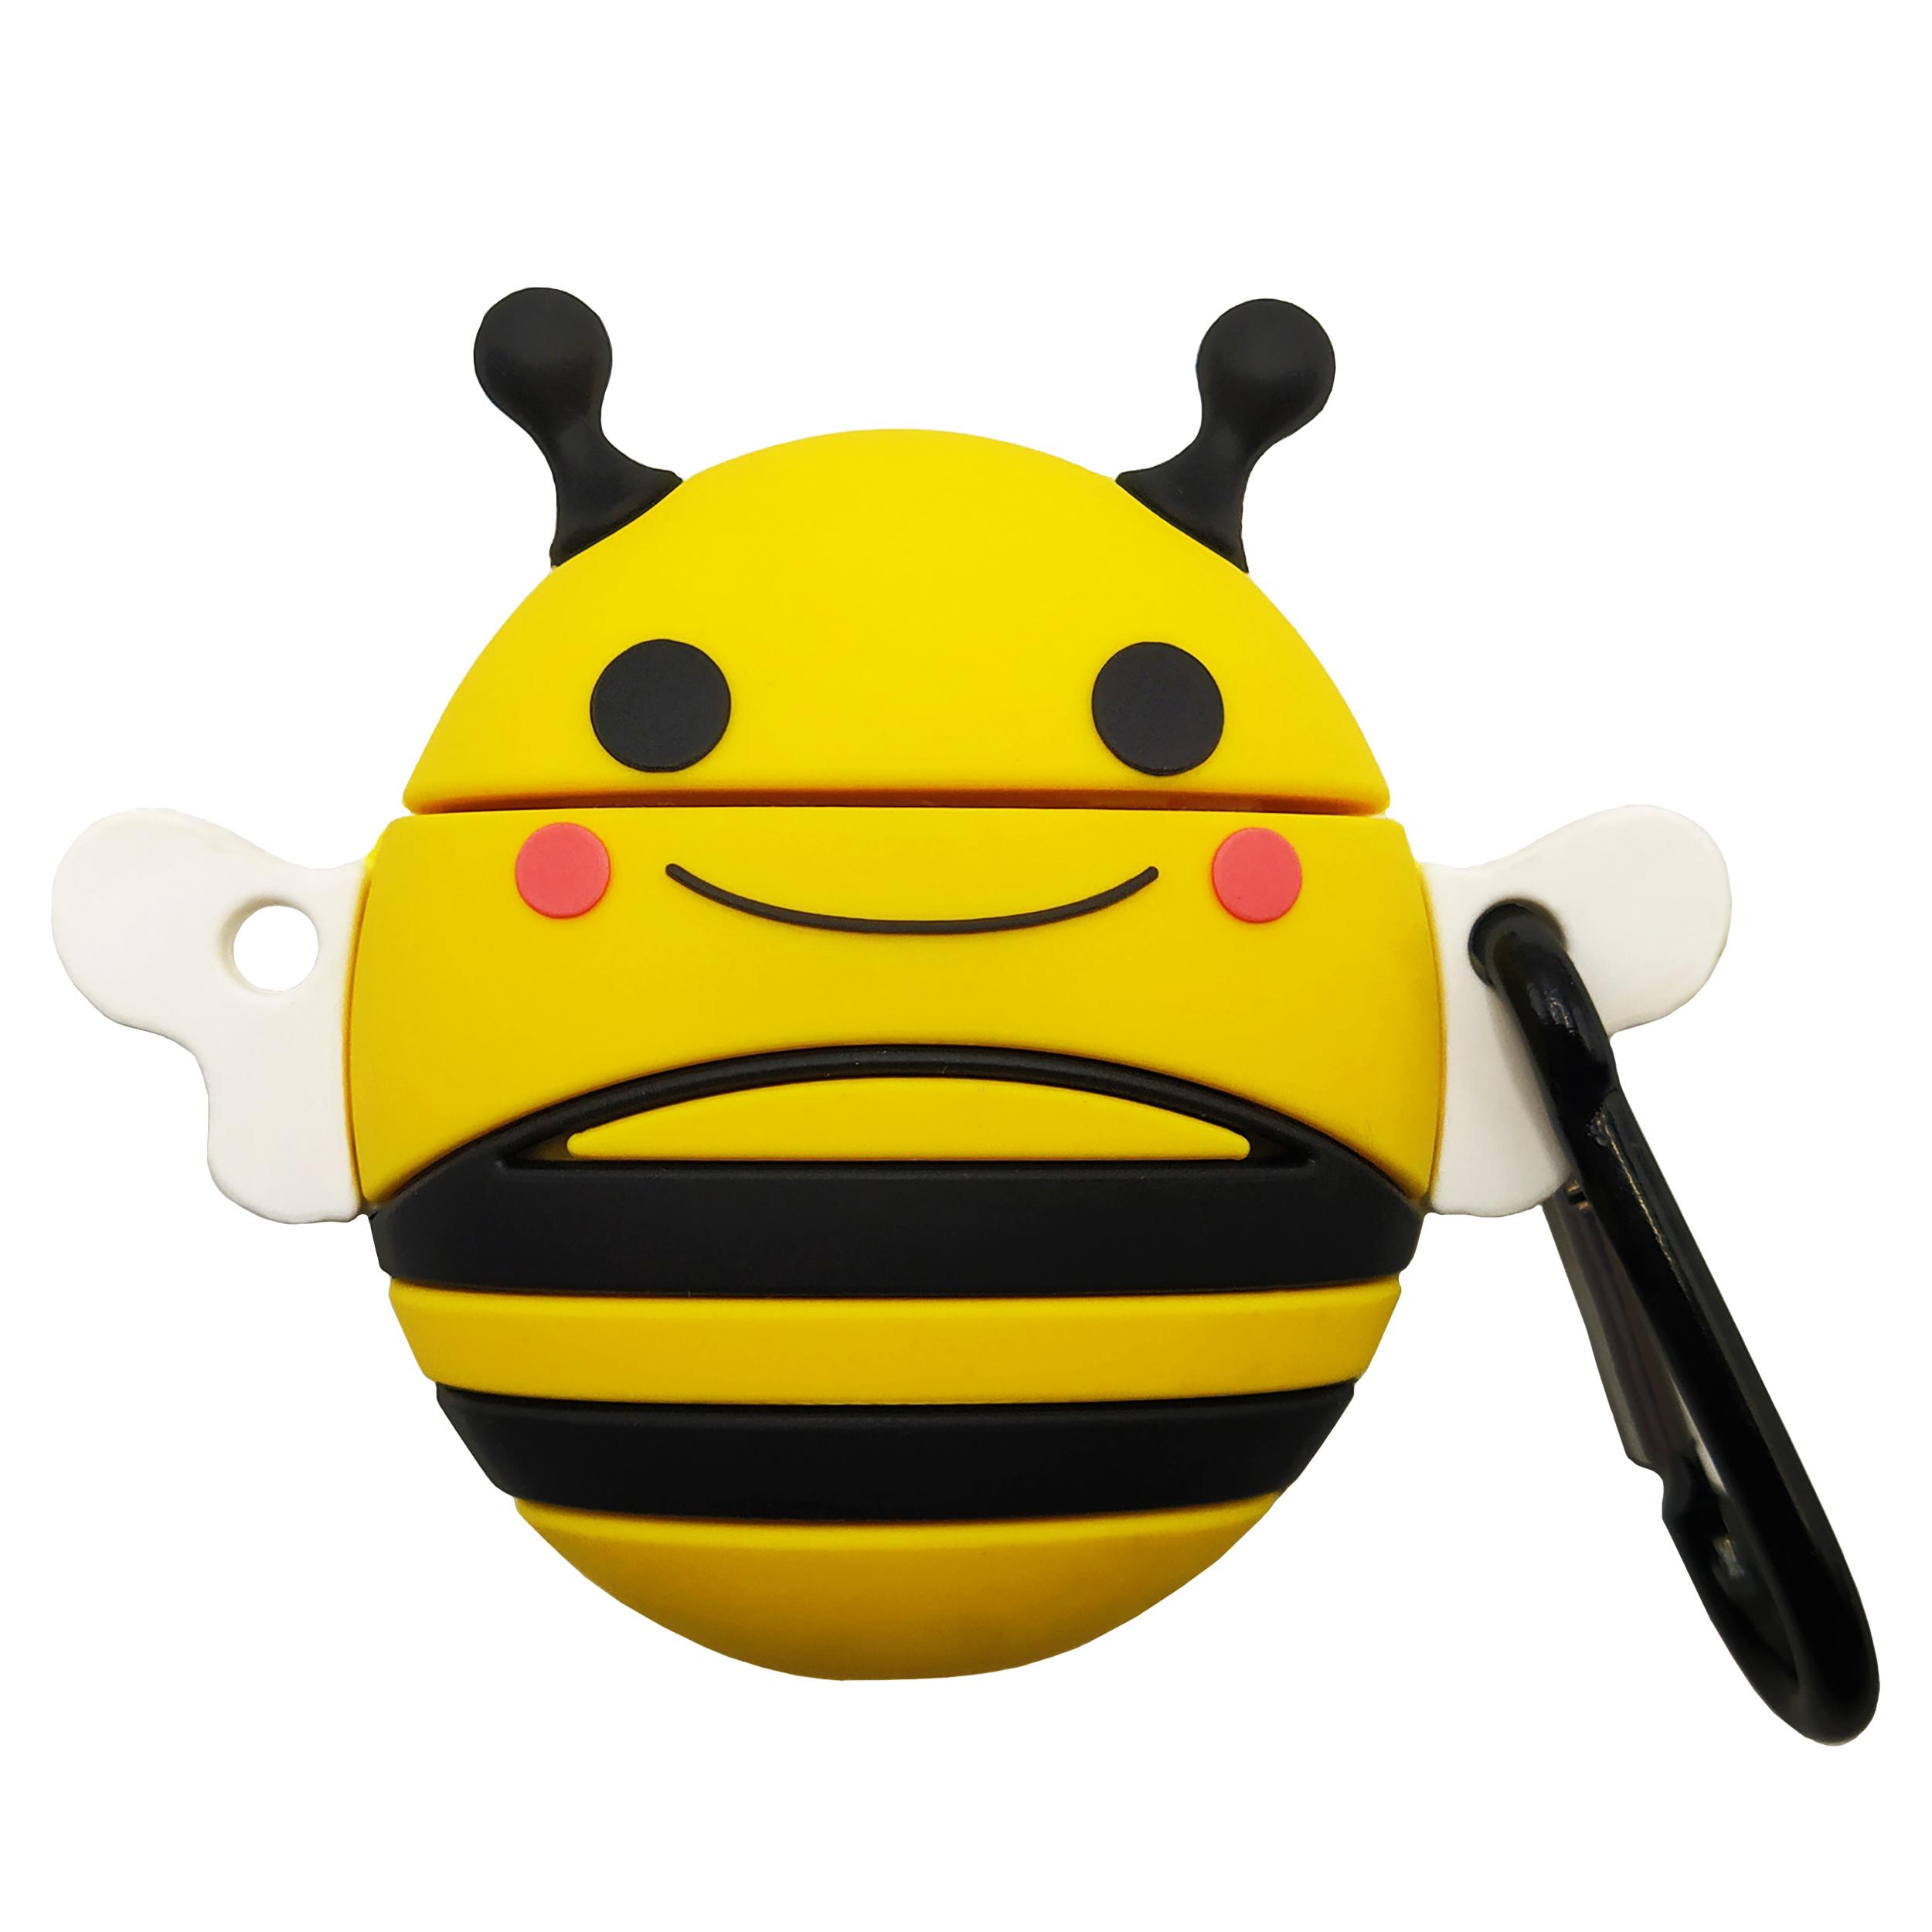 کاور طرح Bee کد 001 مناسب برای کیس اپل ایرپاد